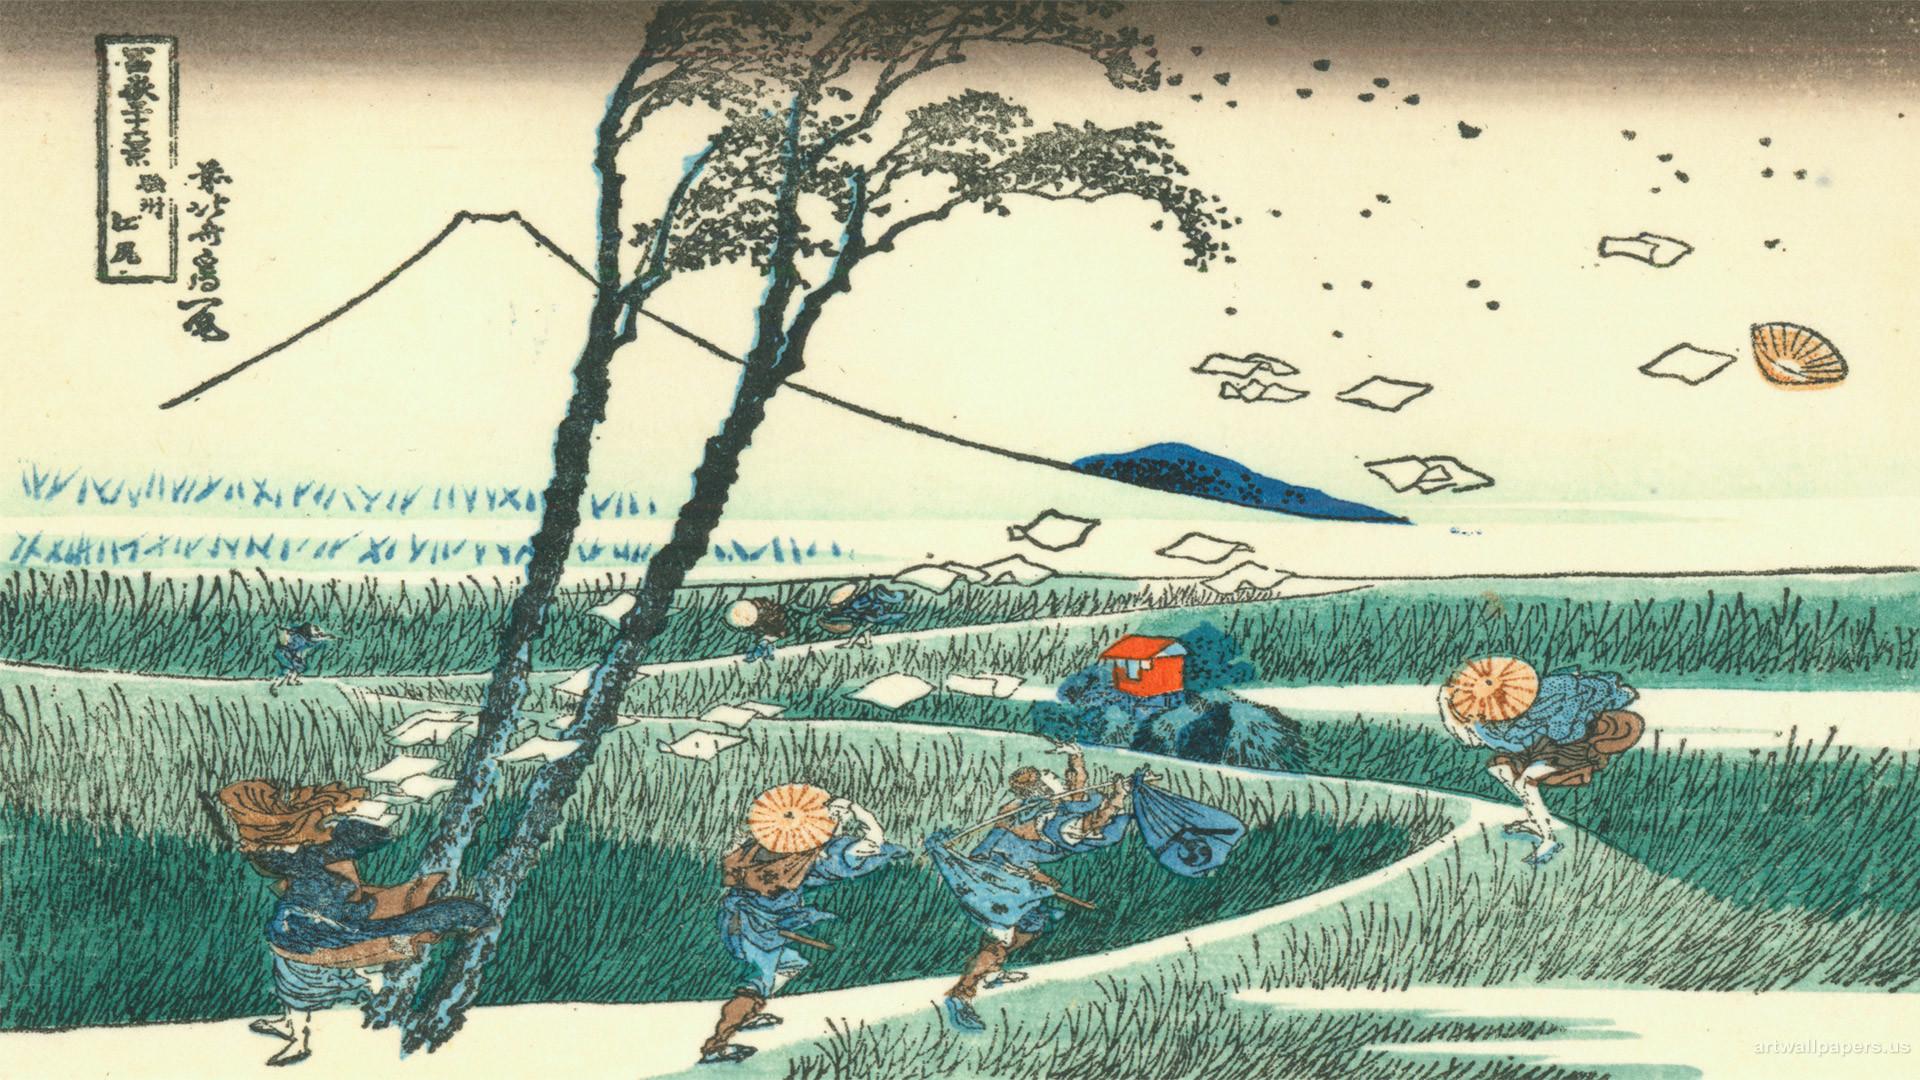 The Great Wave Off Kanagawa Wallpaper Wallpapertag